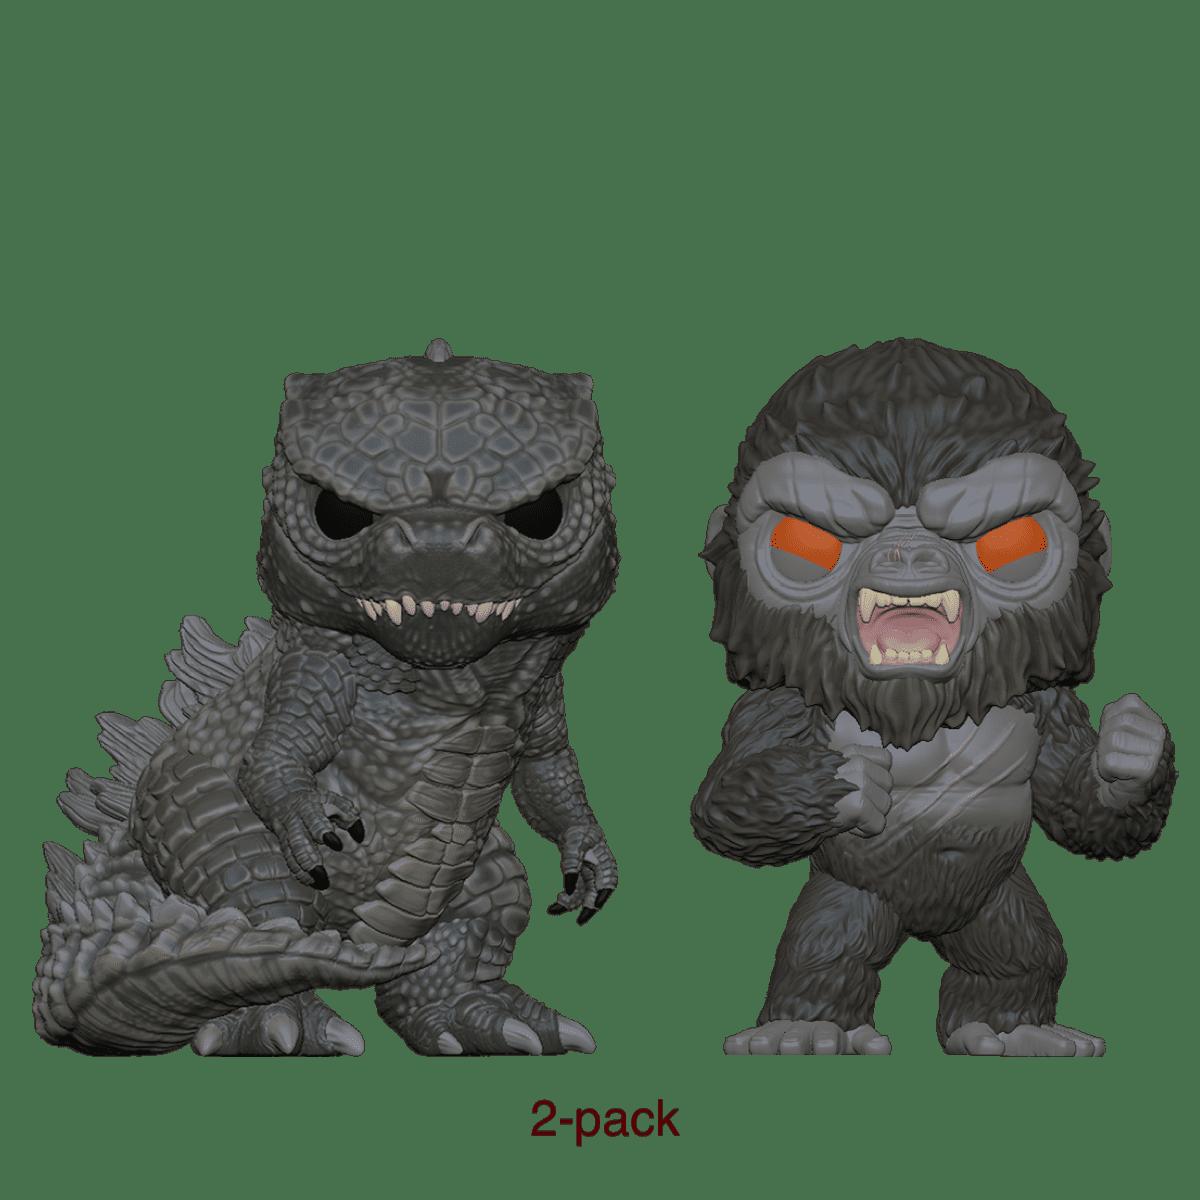 Фанко ПОП Годзилла и Конг (Godzilla and Kong 2-pack (Эксклюзив)) из фильма Годзилла против Конга